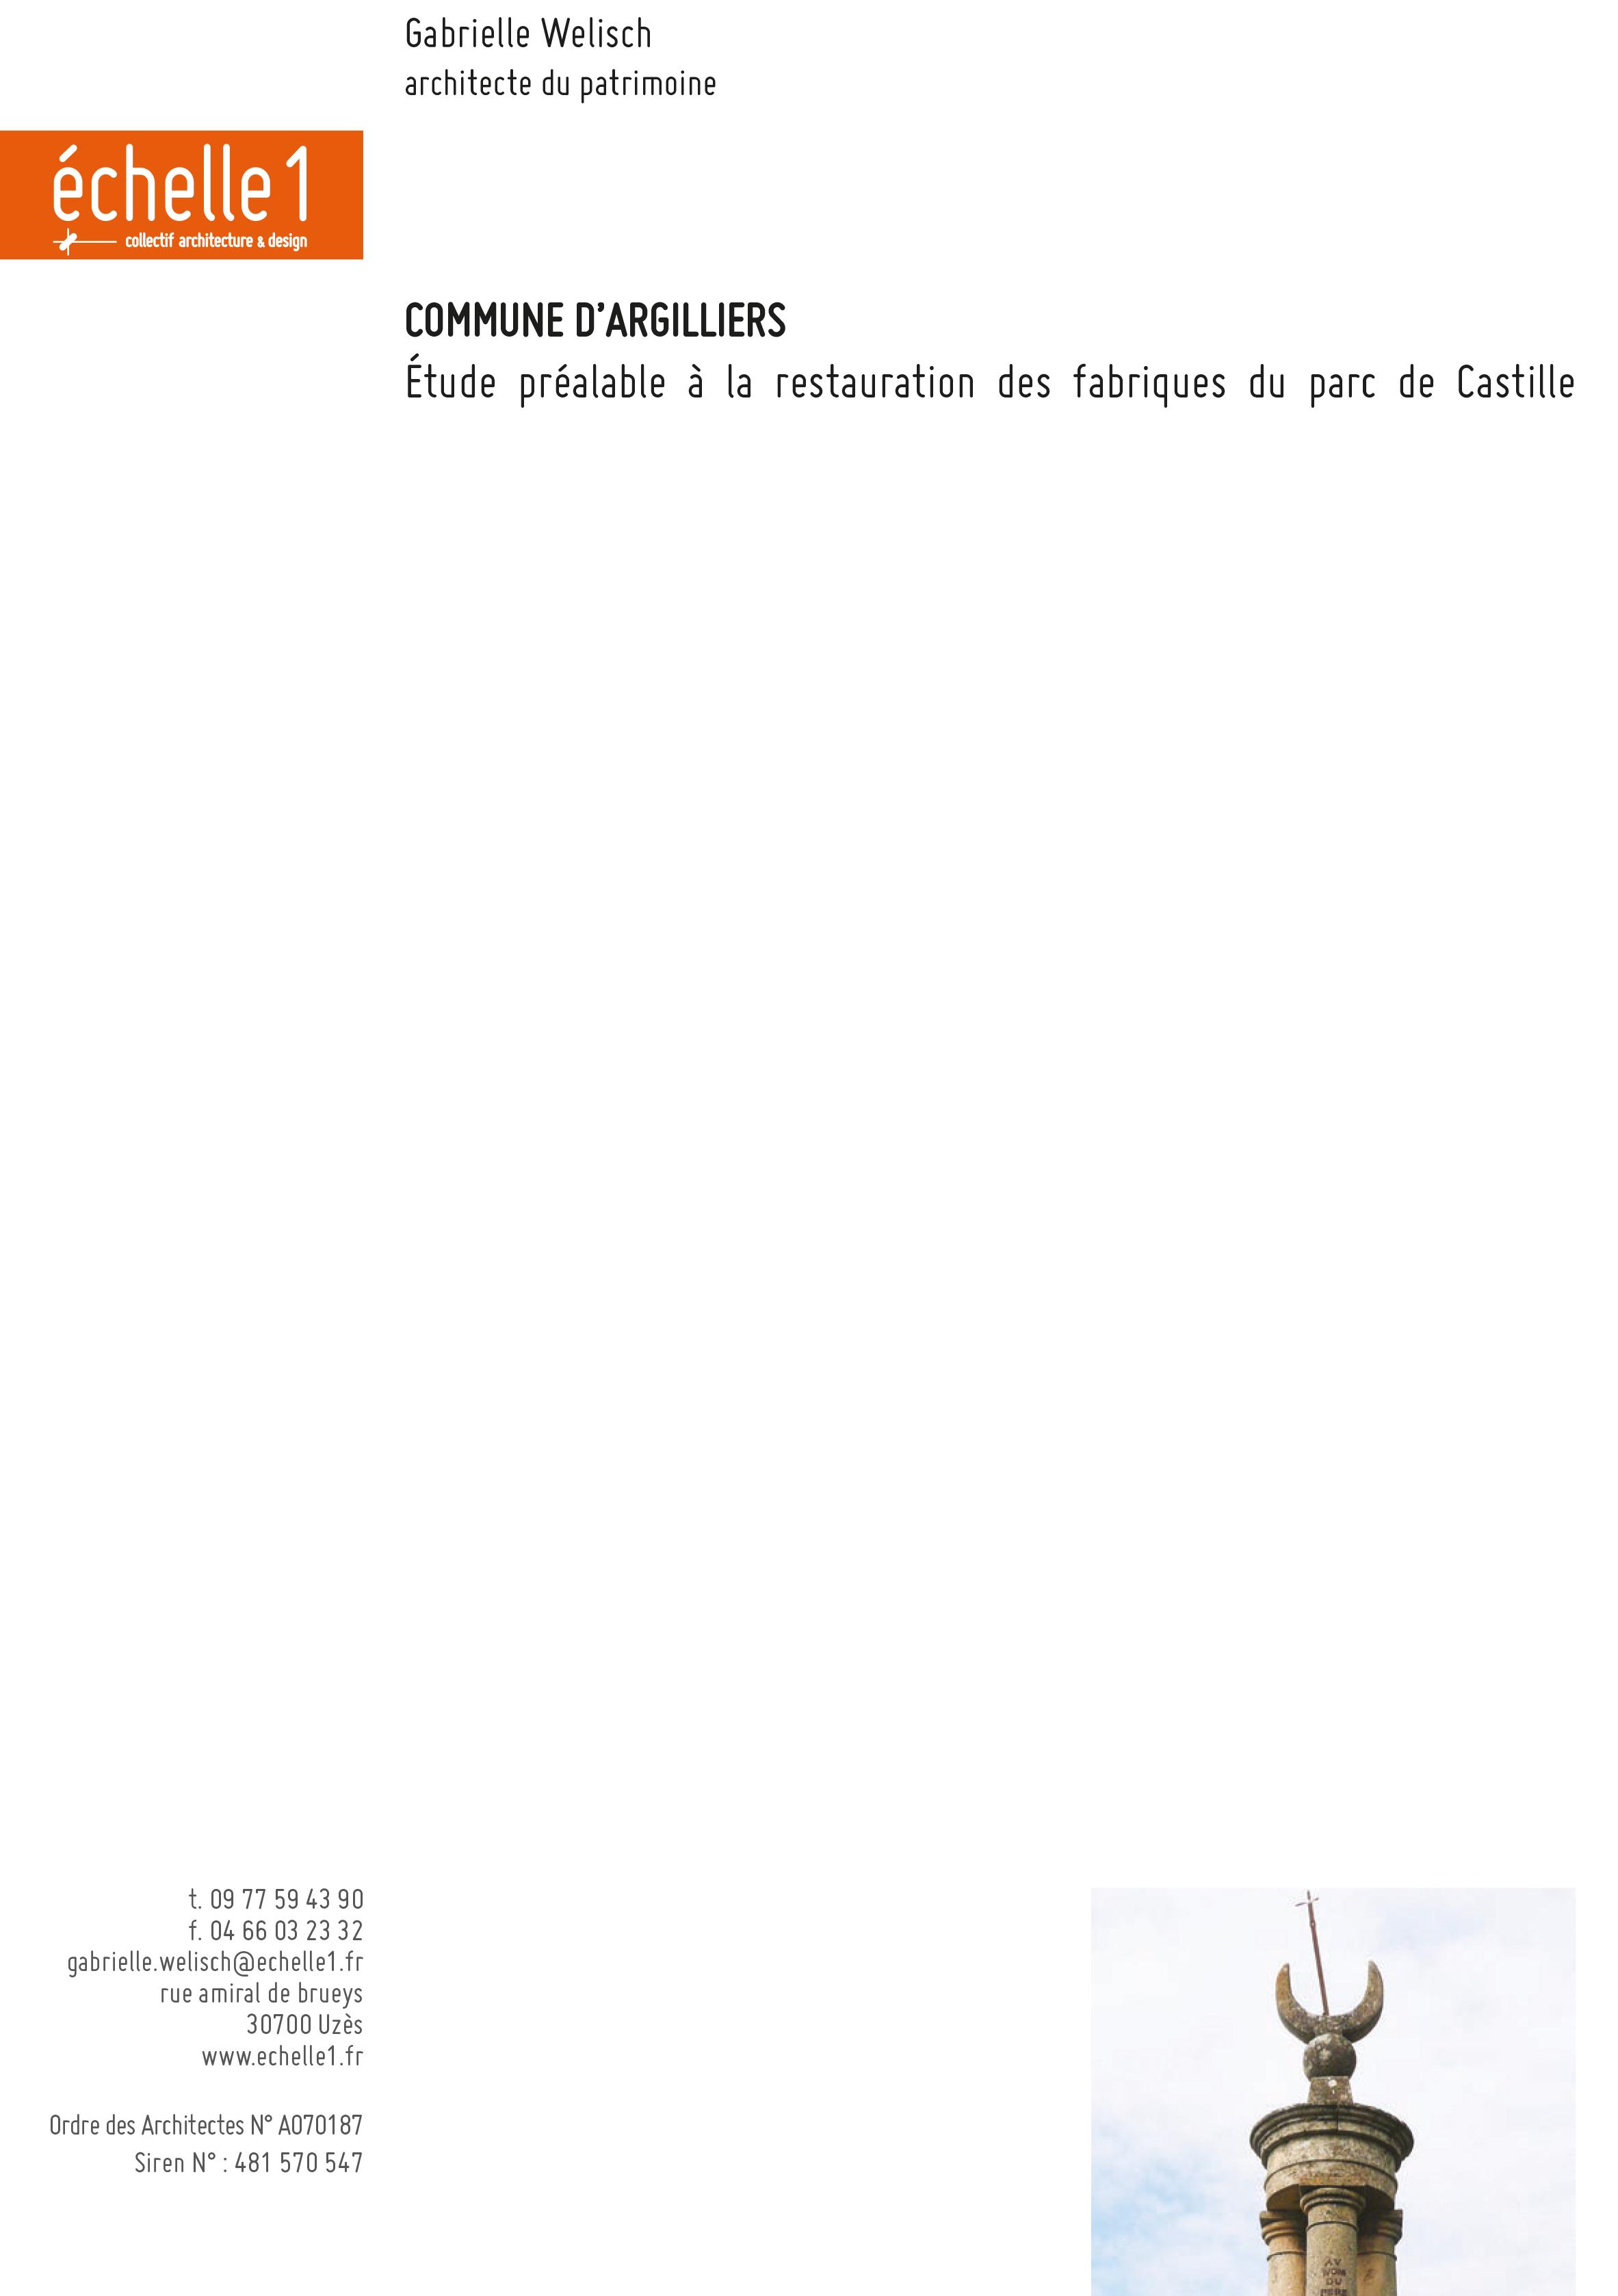 Etude préalable à la restauration des fabriques duParc de Castille